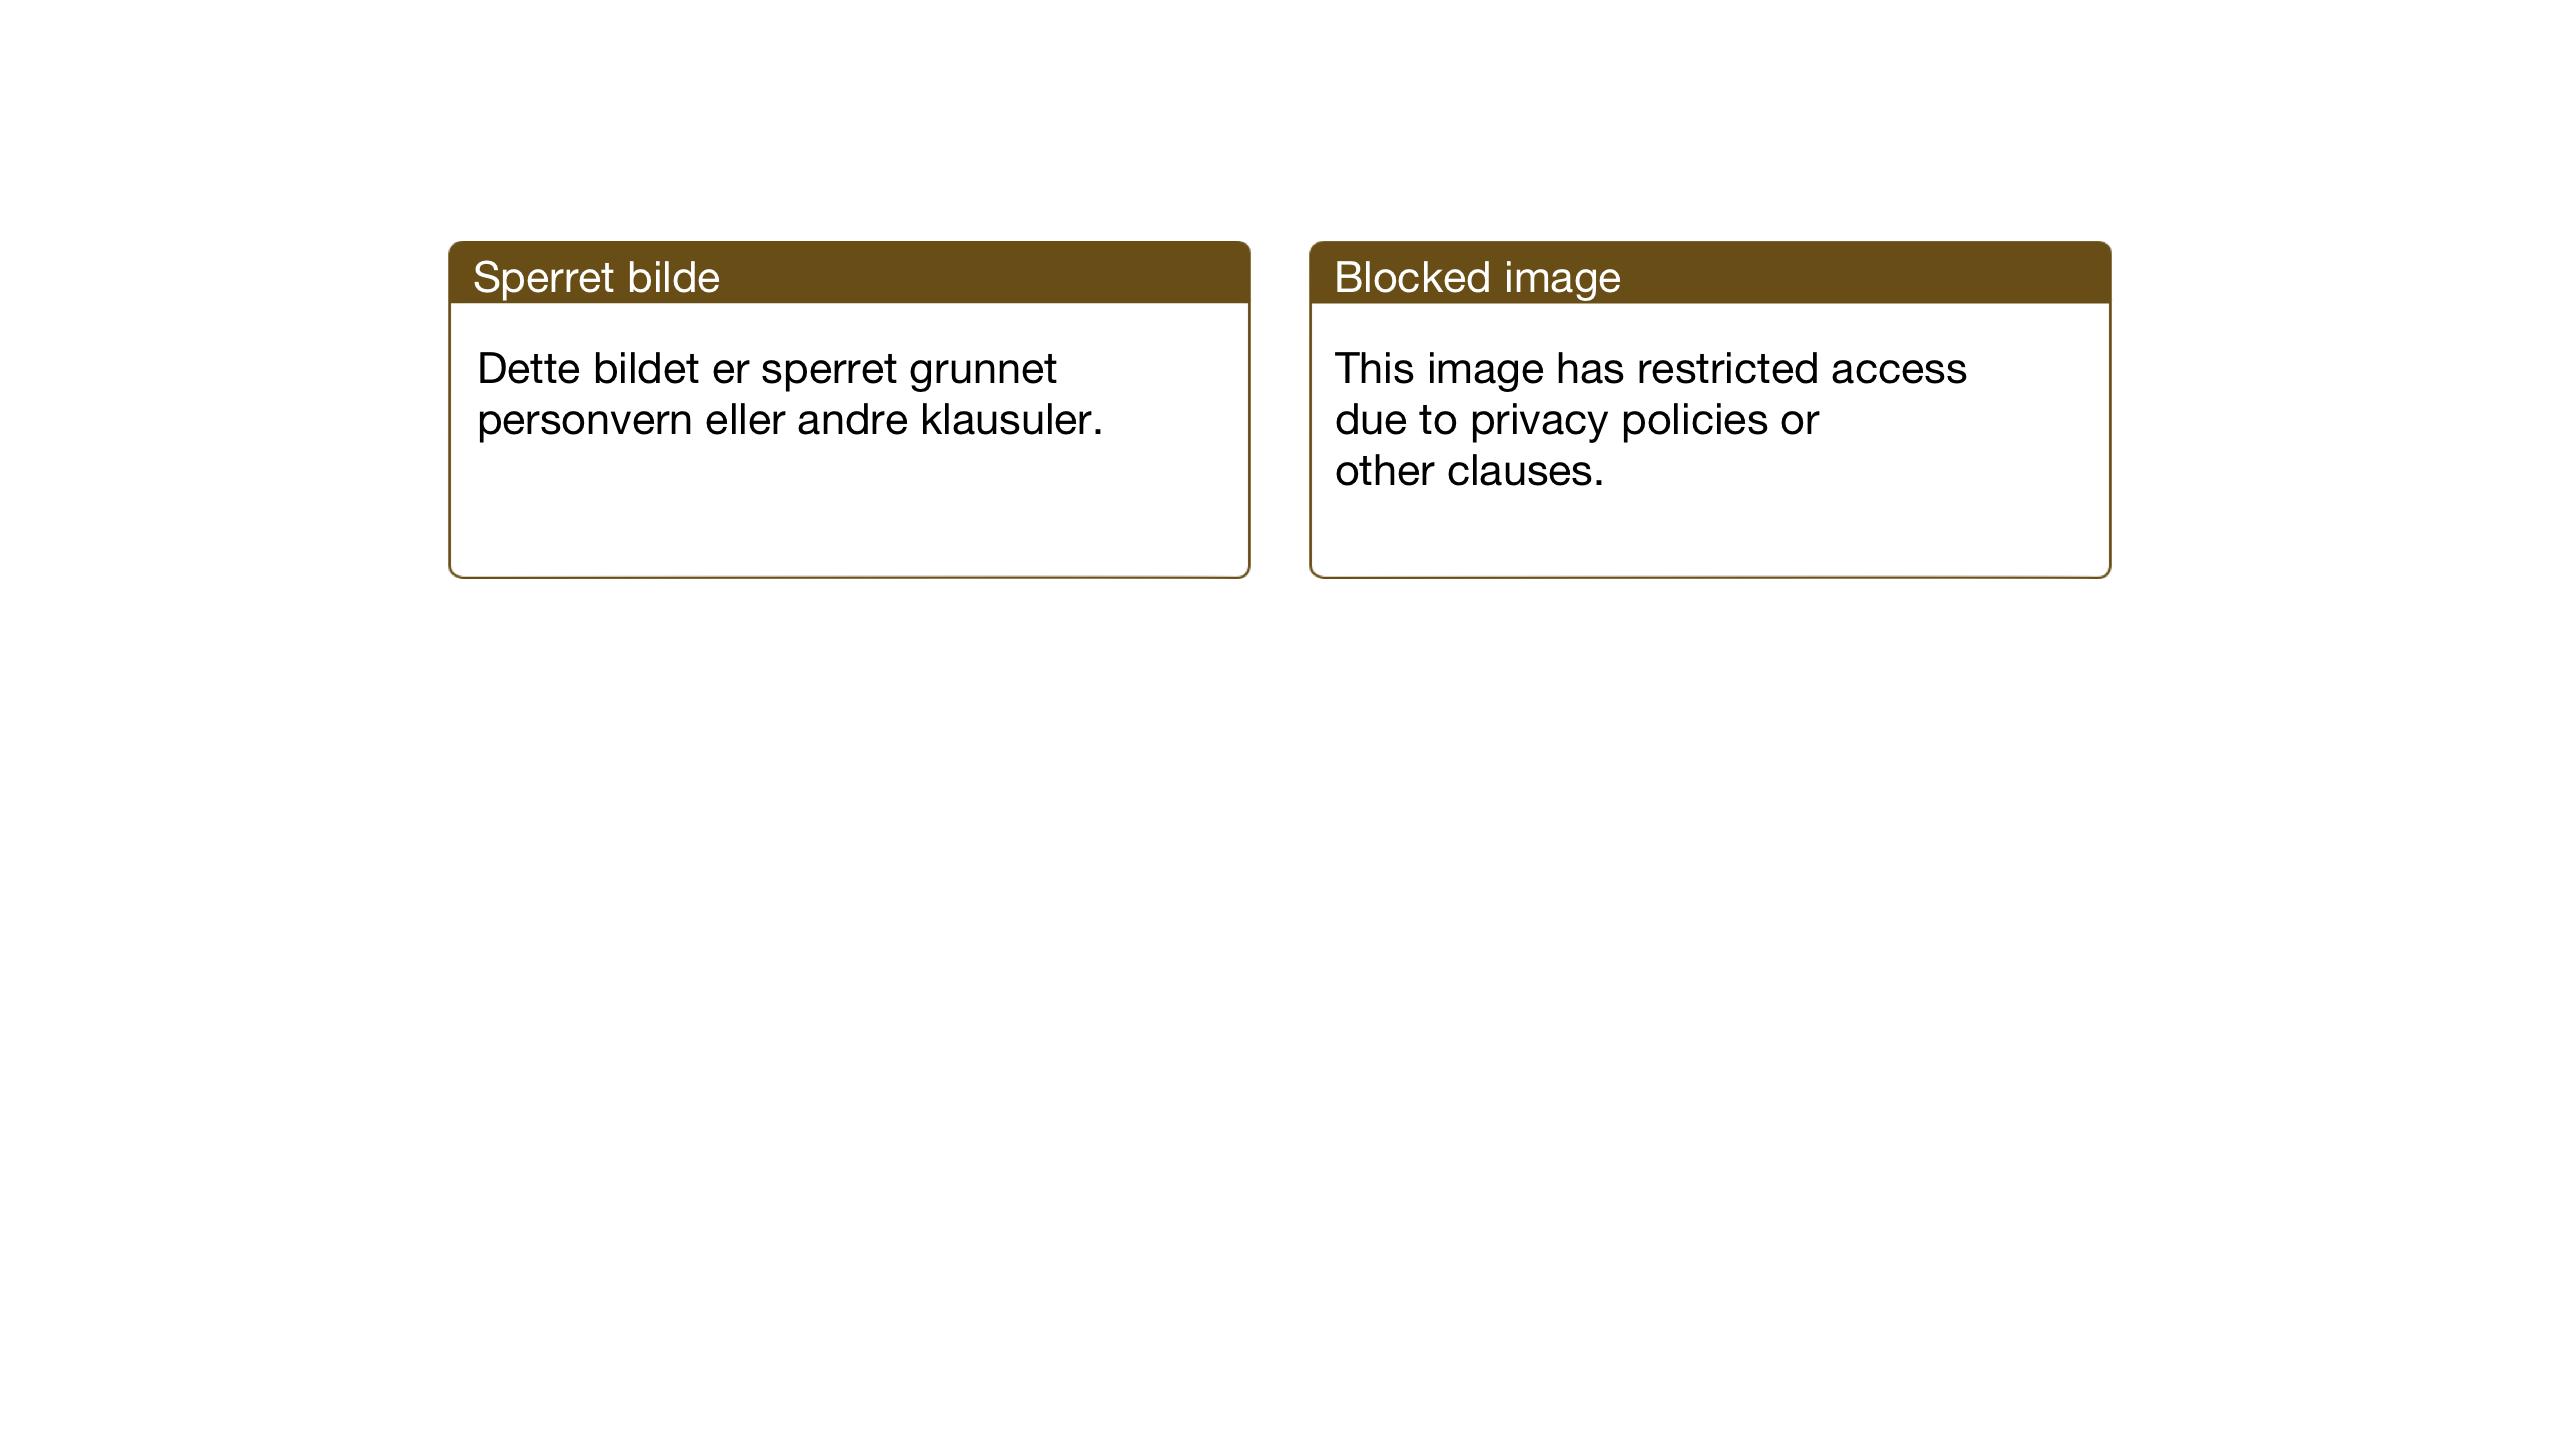 SAT, Ministerialprotokoller, klokkerbøker og fødselsregistre - Sør-Trøndelag, 604/L0228: Klokkerbok nr. 604C11, 1928-1950, s. 231